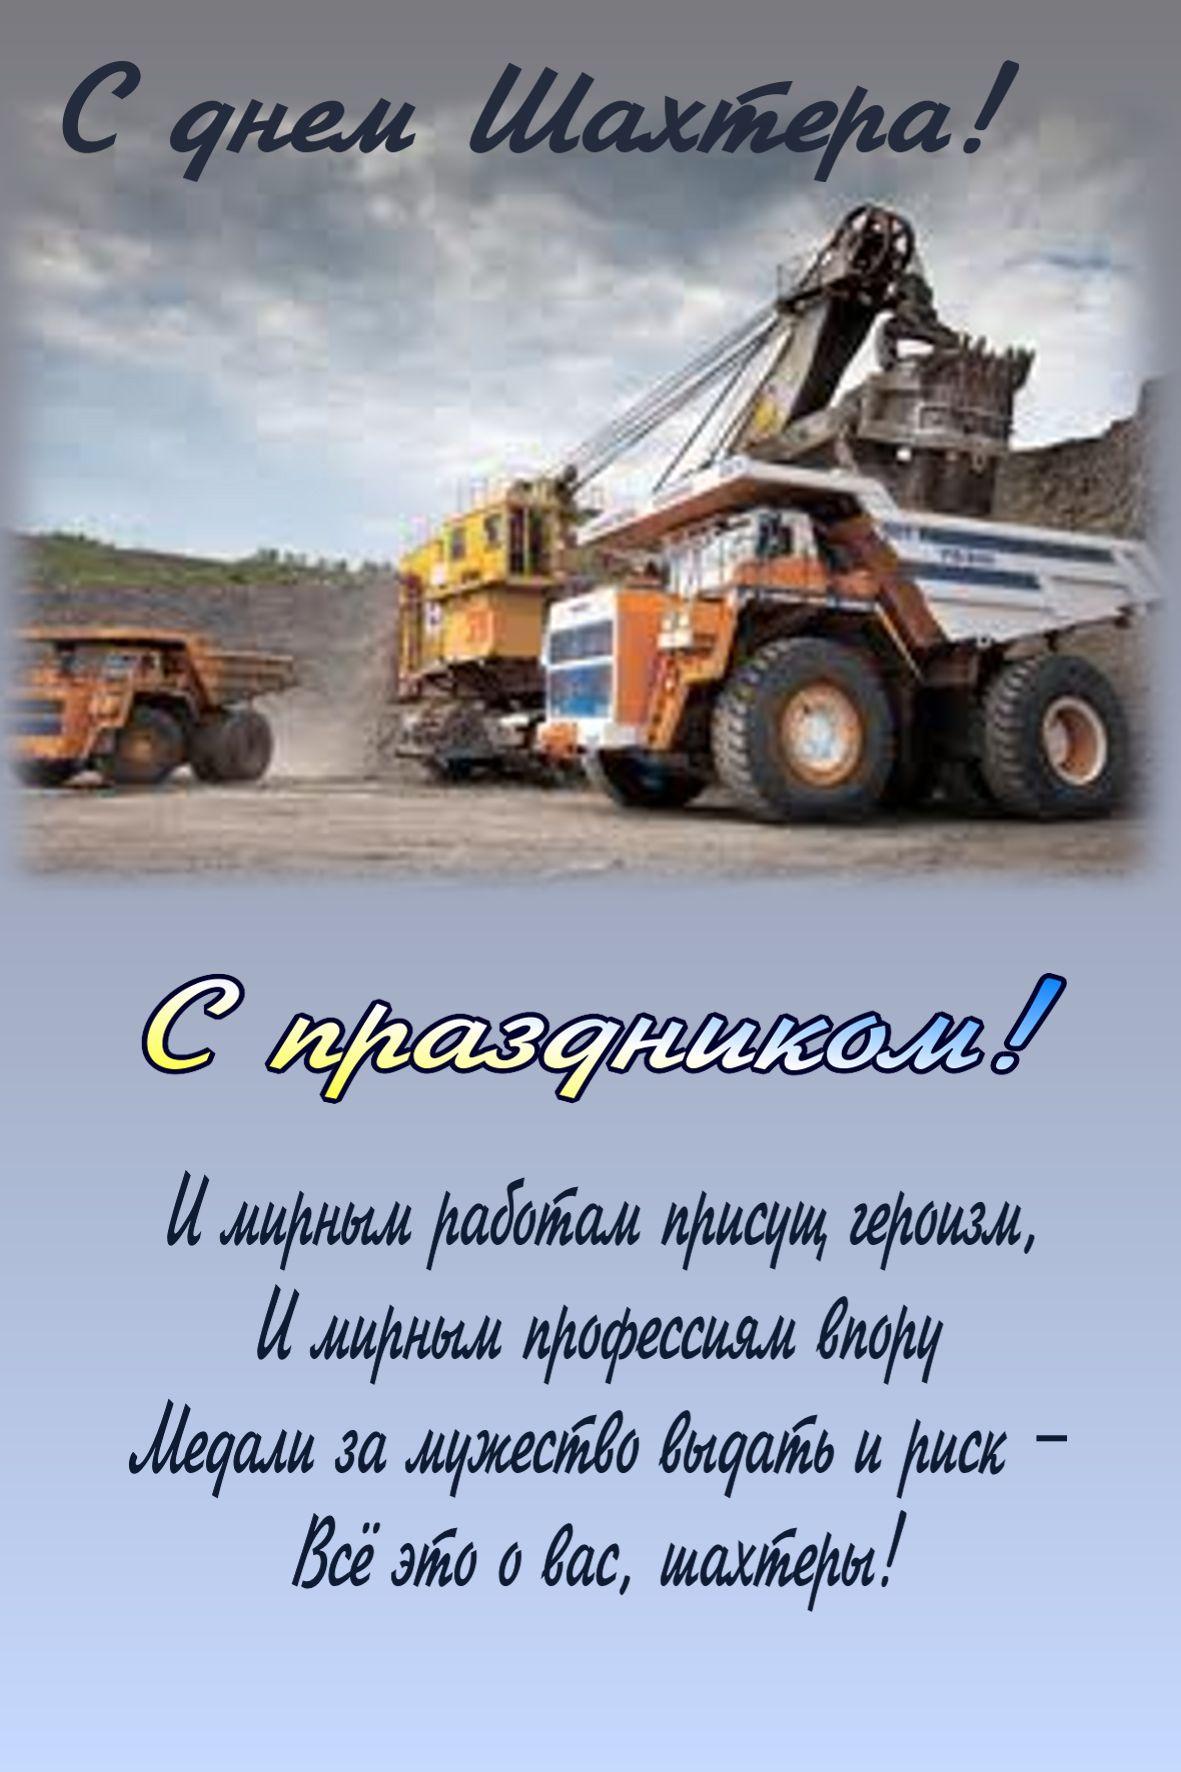 С днем шахтера картинки с поздравлением прикольные